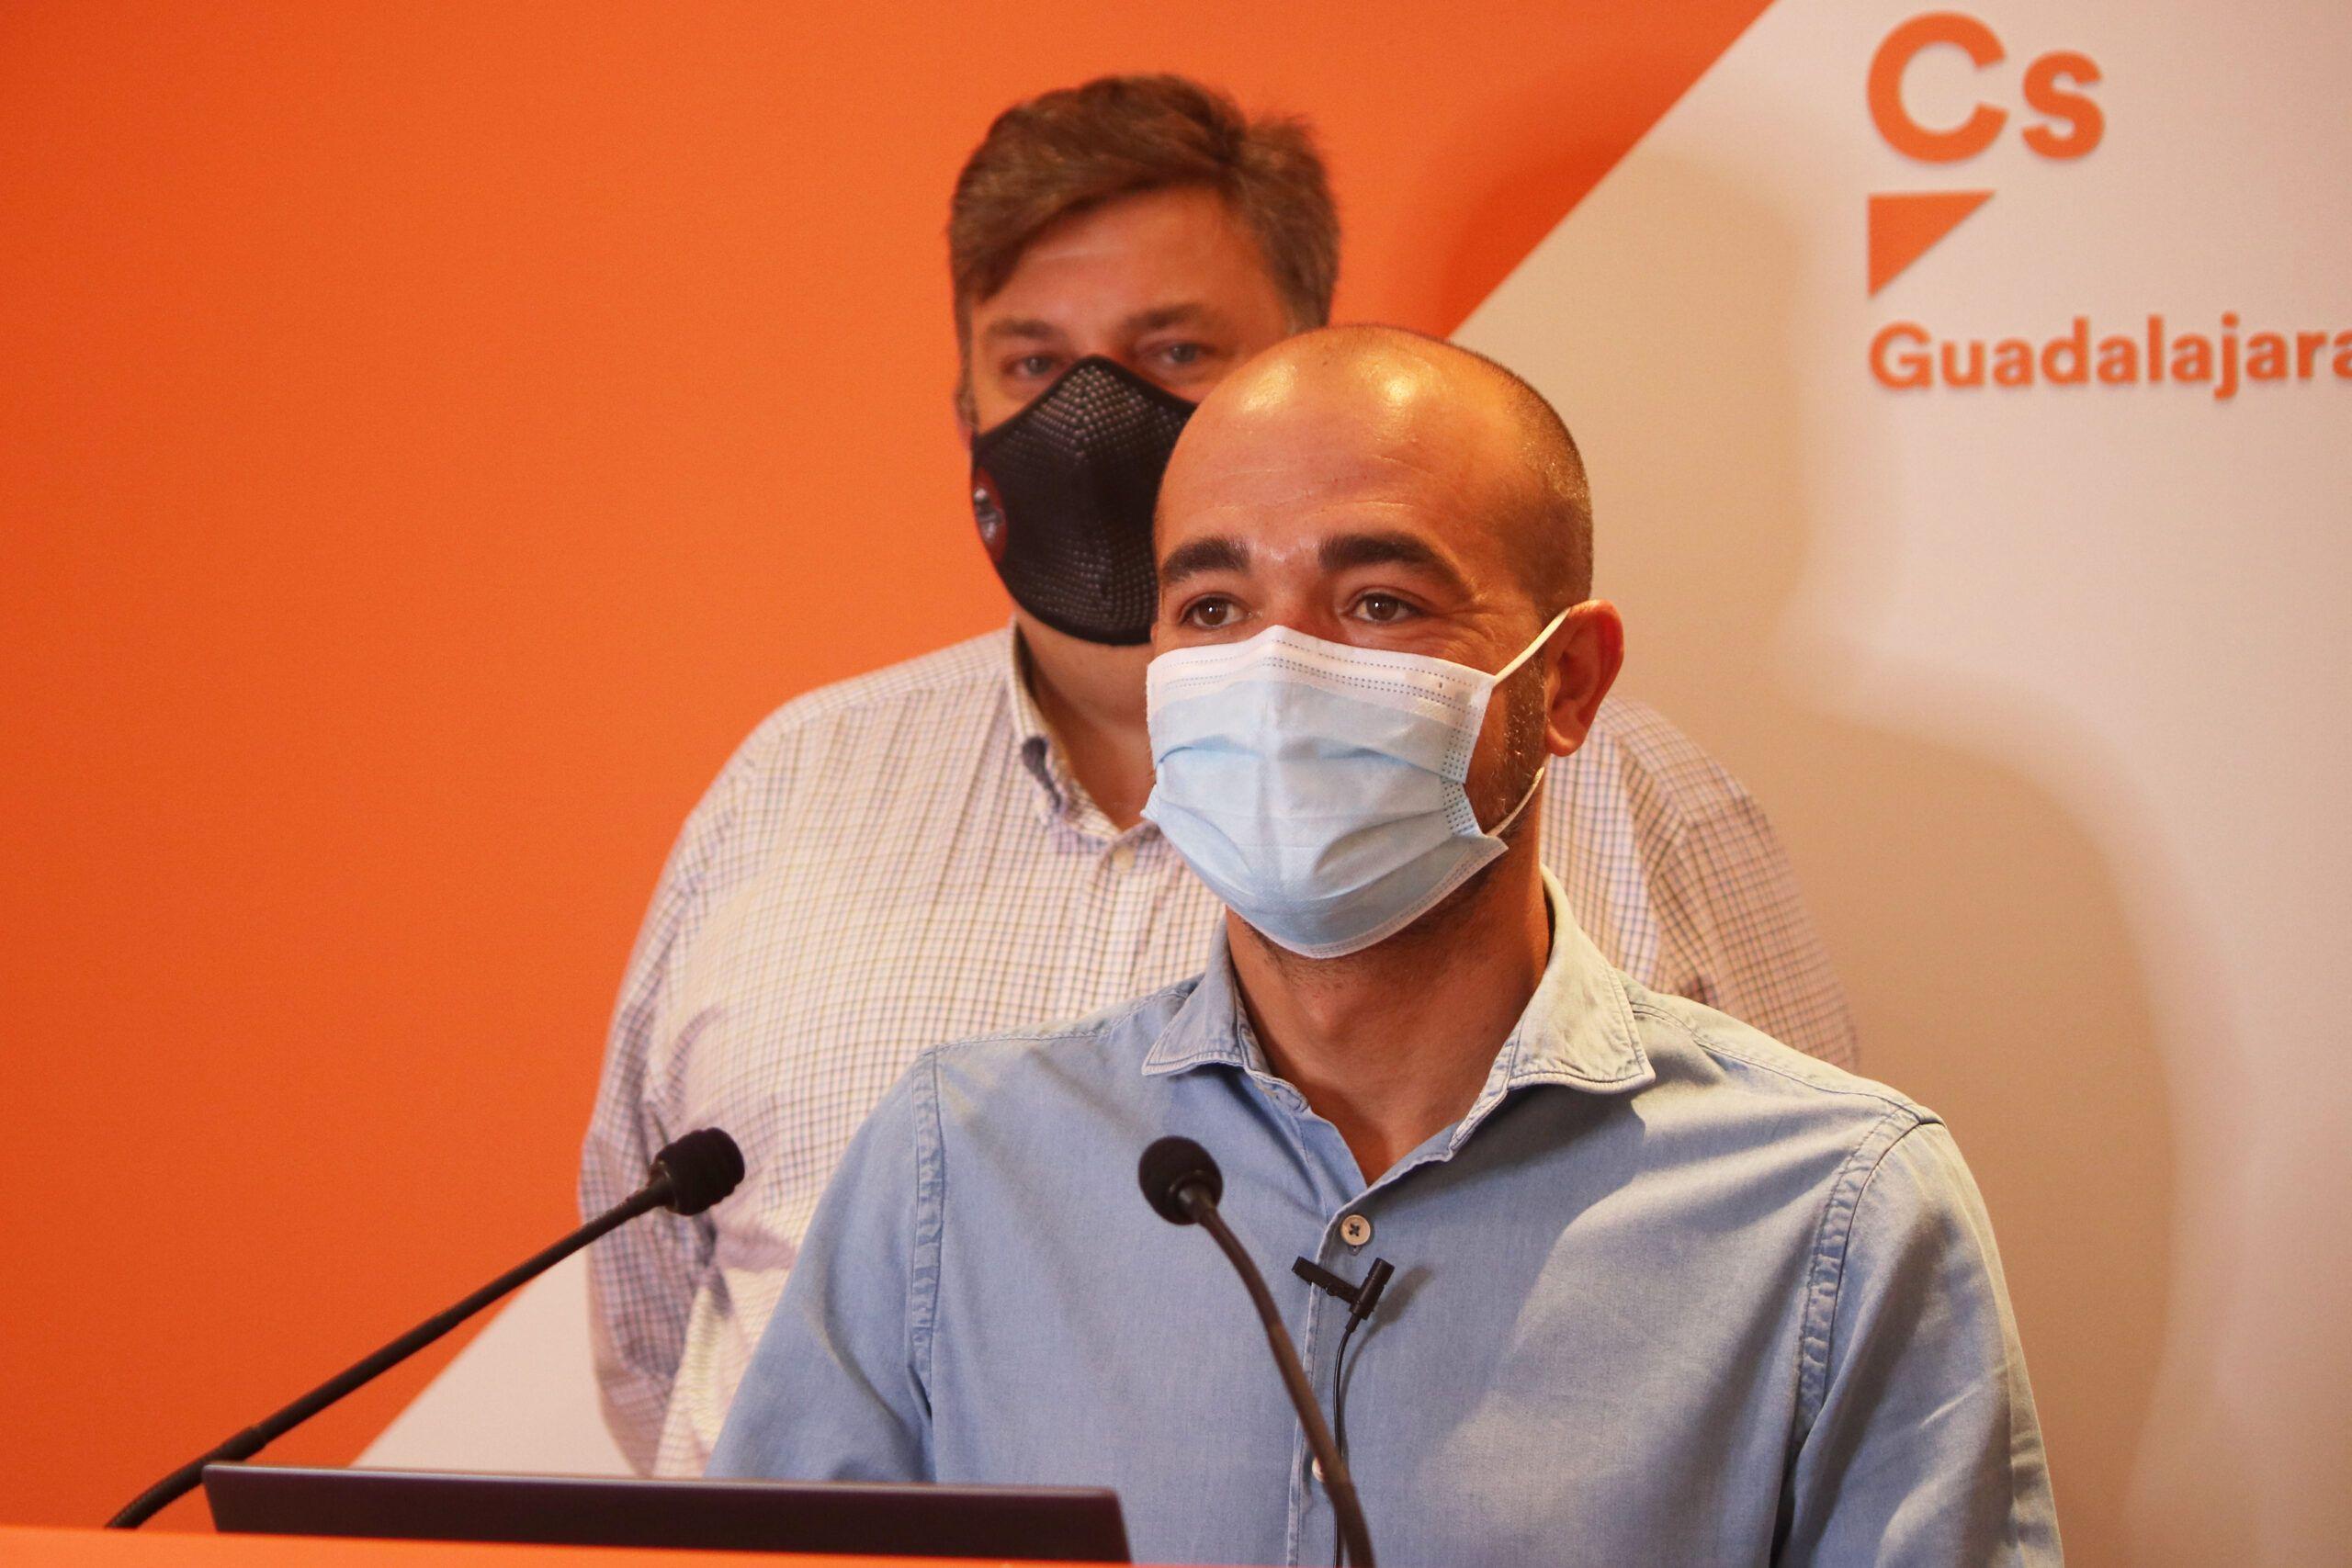 Ciudadanos Guadalajara propone medidas para ayudar a familias guadalajareñas y autónomos a hacer frente a la factura de la luz